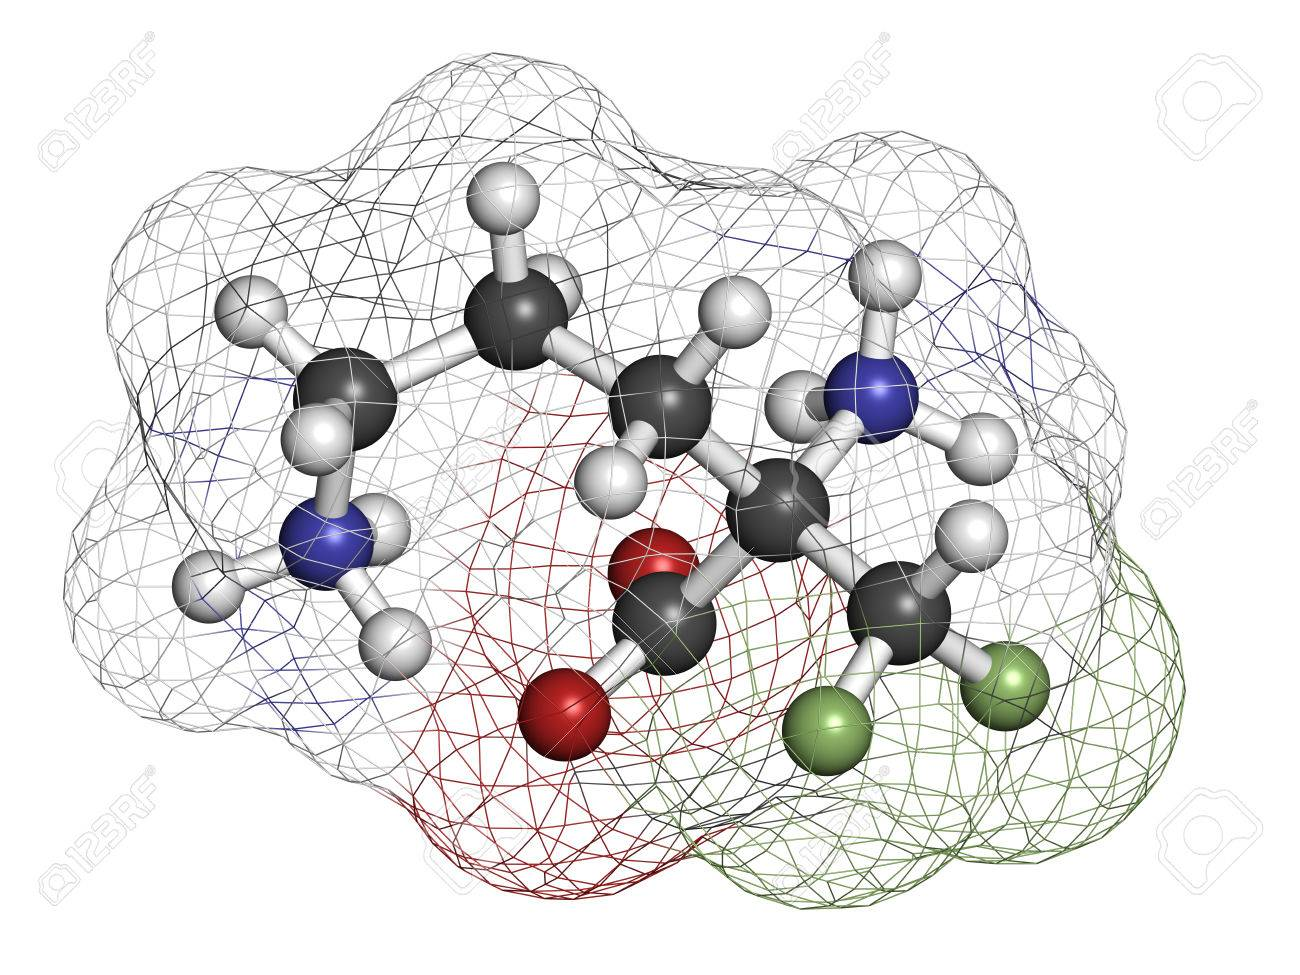 Molécule De Médicament Eflornithine. Utilisé Pour Traiter L ...